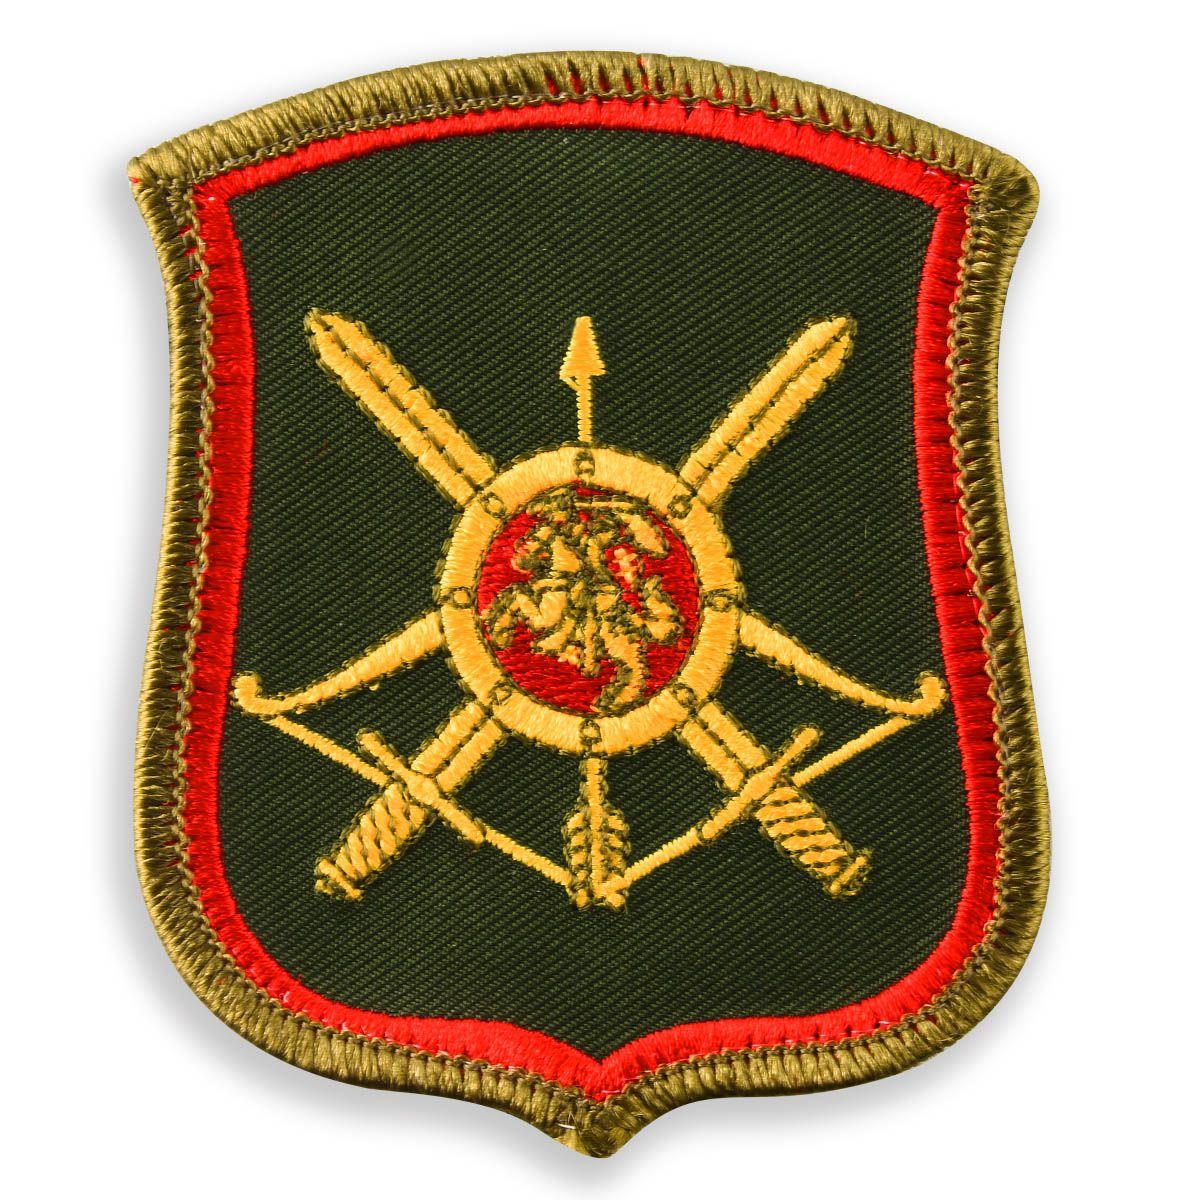 Армейский шеврон 54-ой ракетной дивизии РВСН